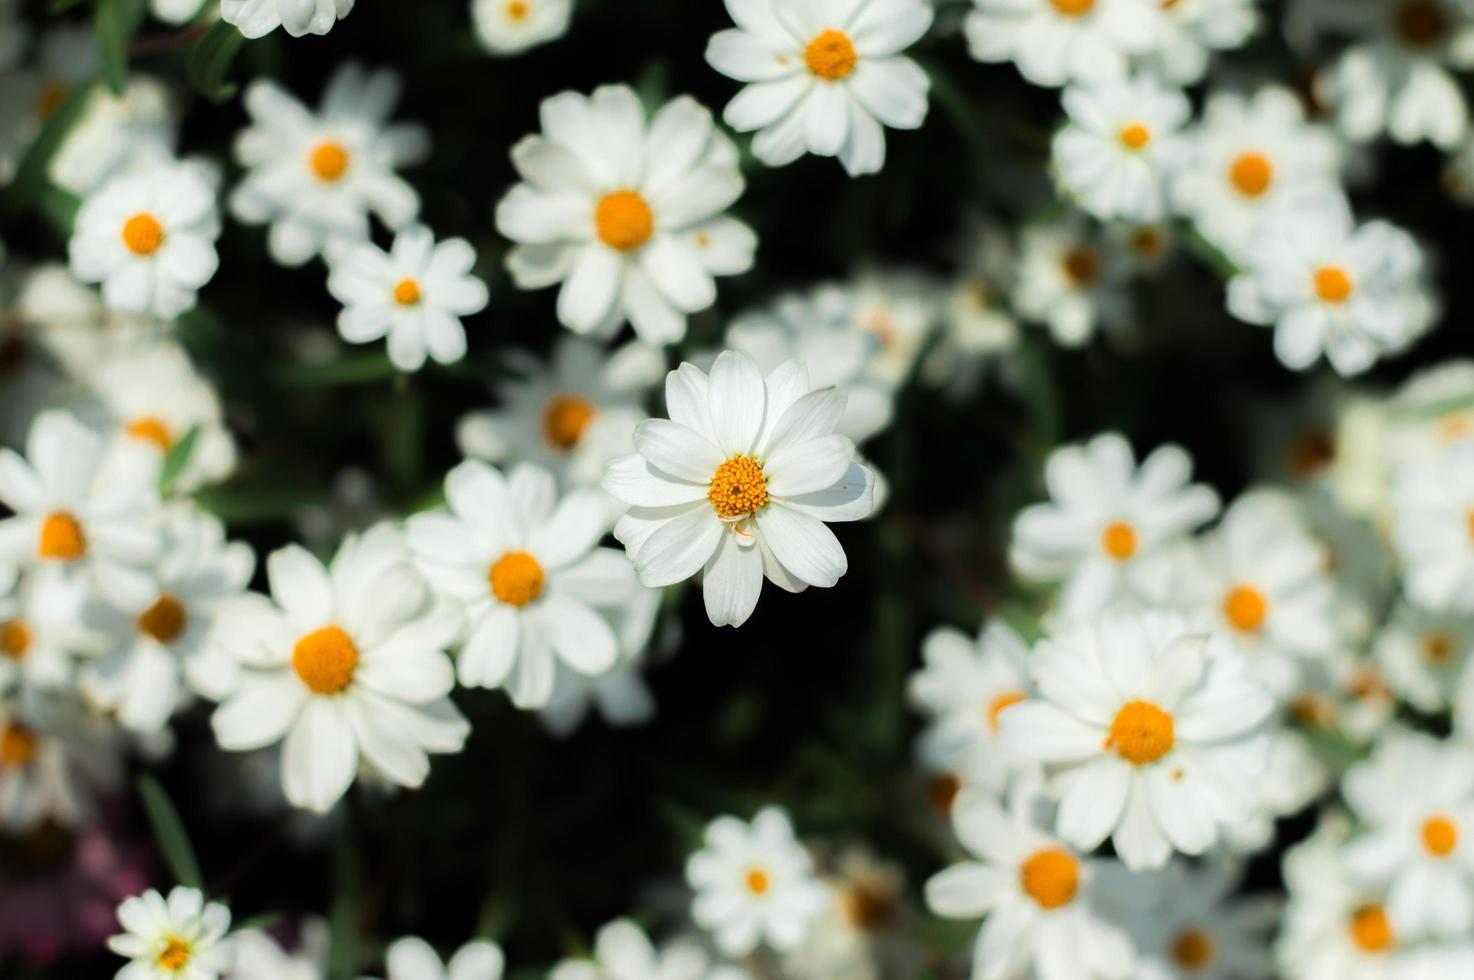 cama de flores blancas foto